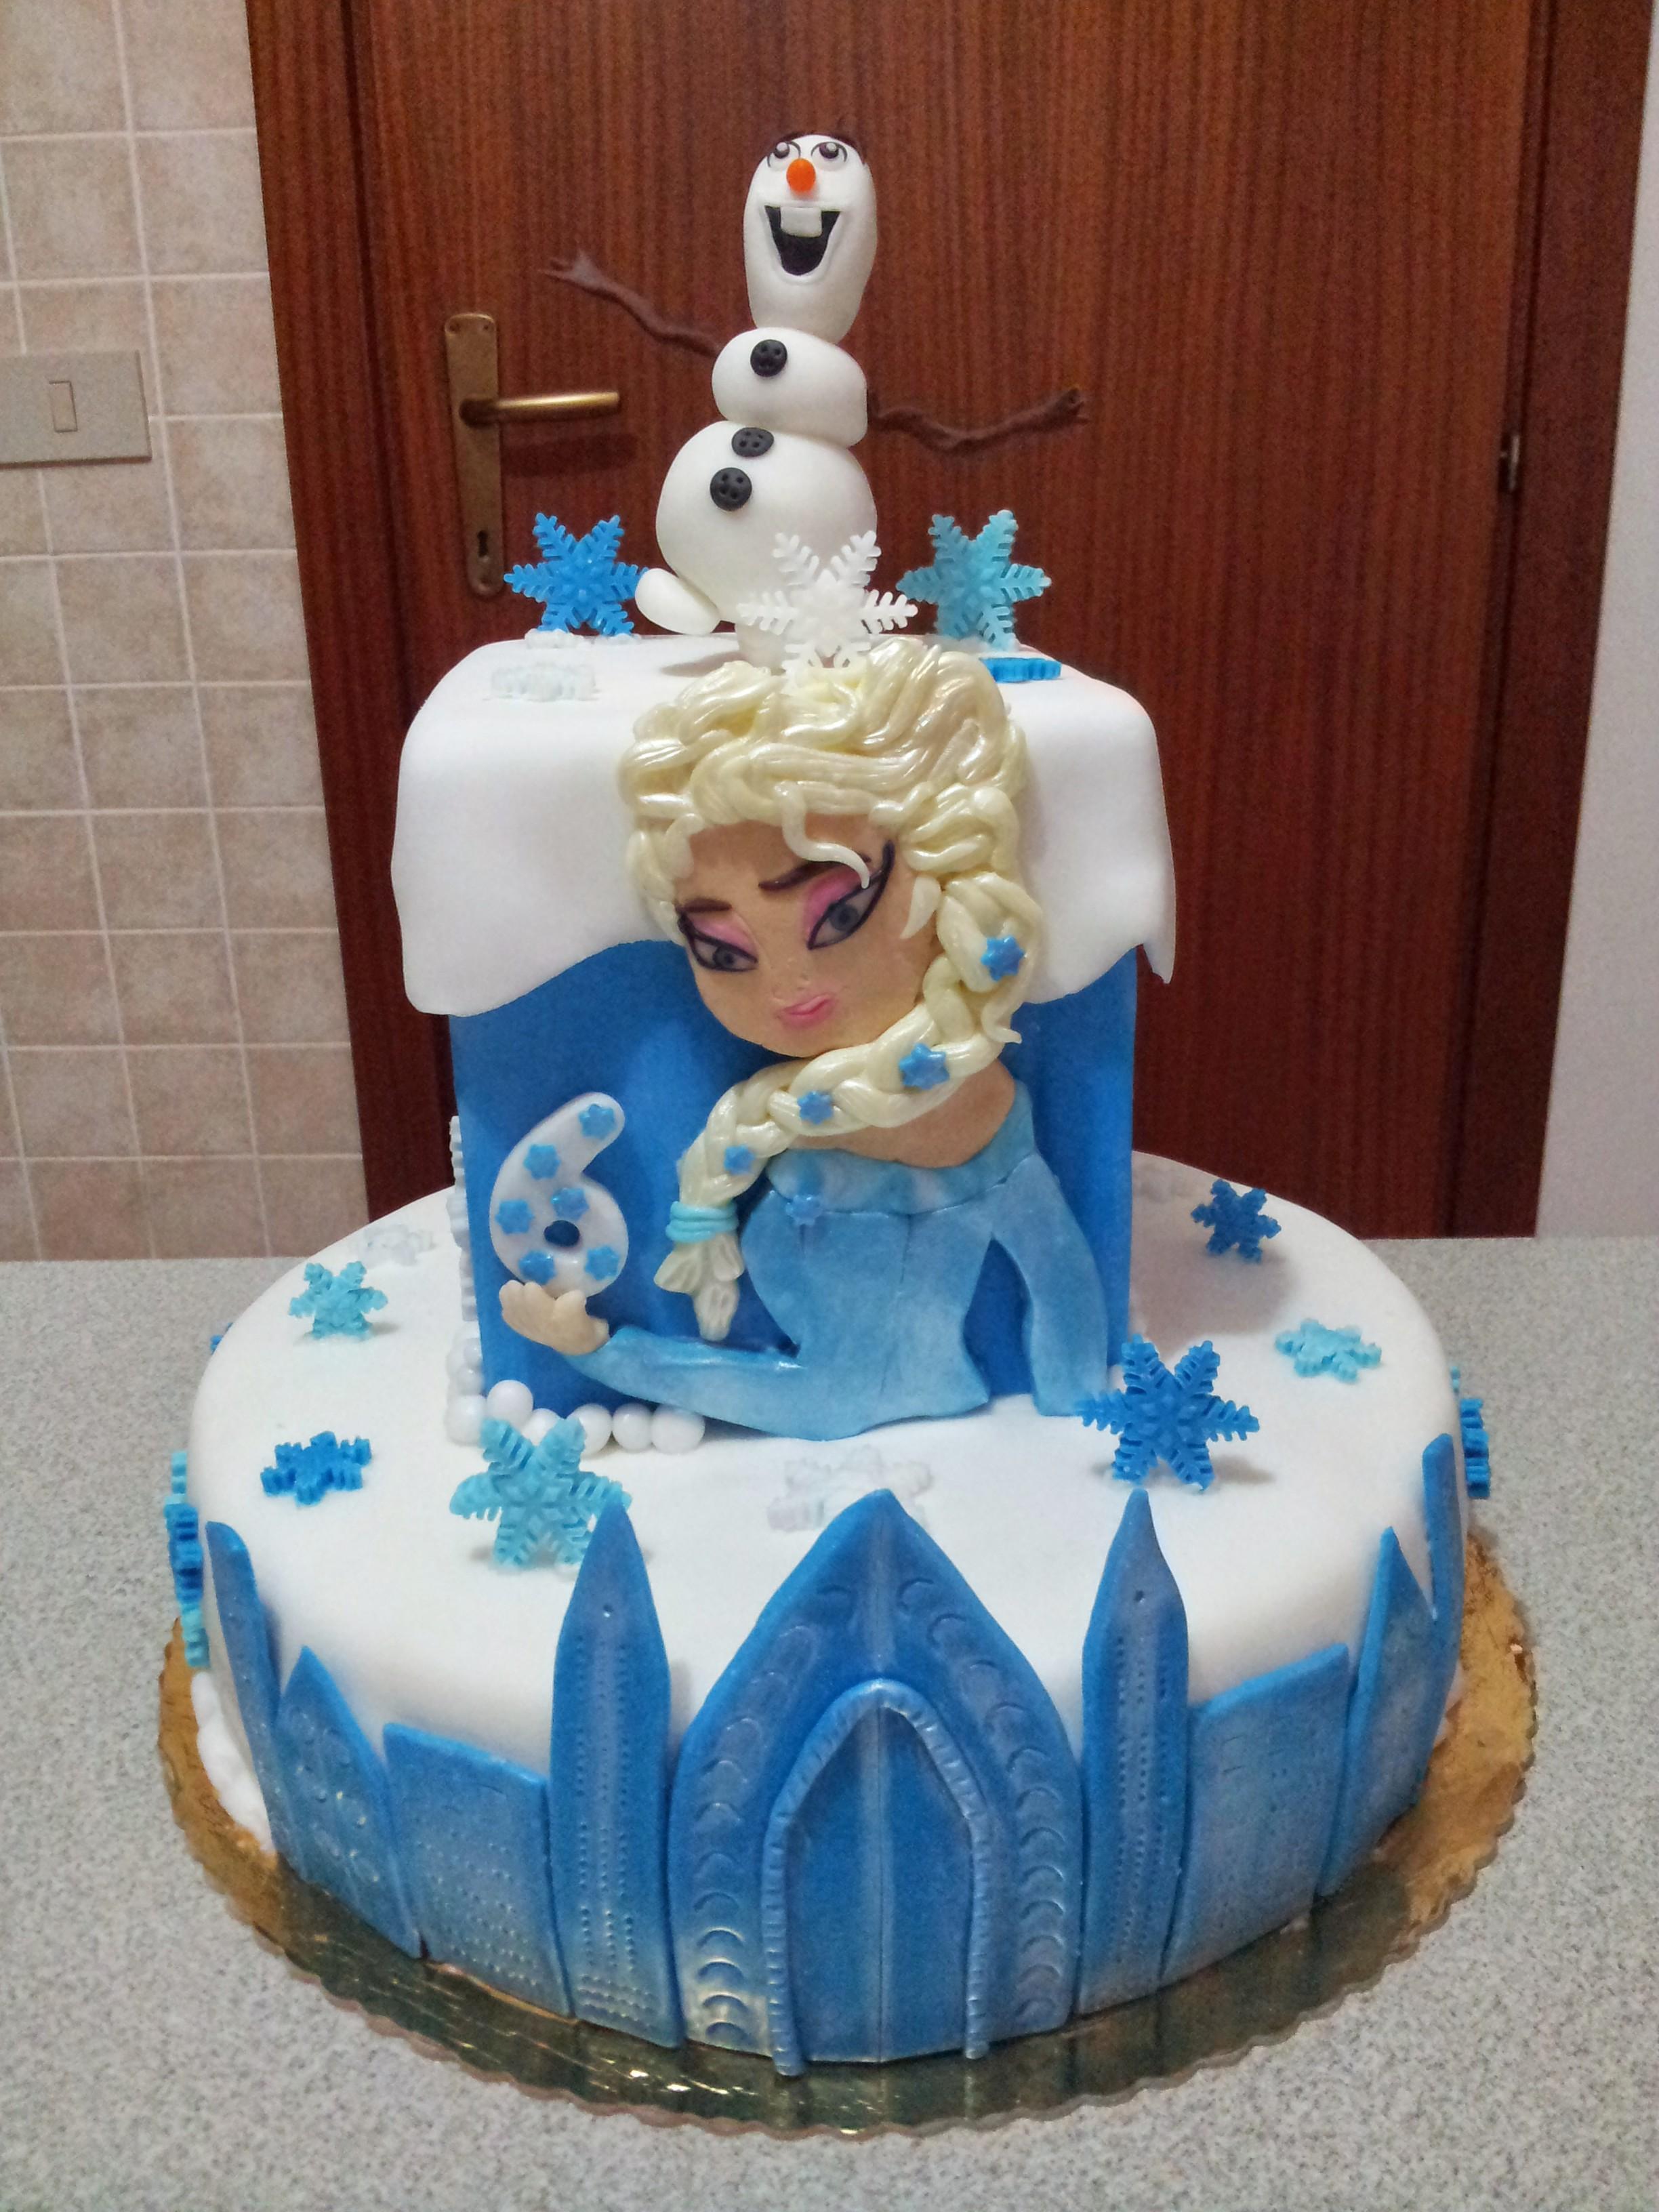 Populaire Frozen: torta di compleanno a tema | IdeAmica XG14